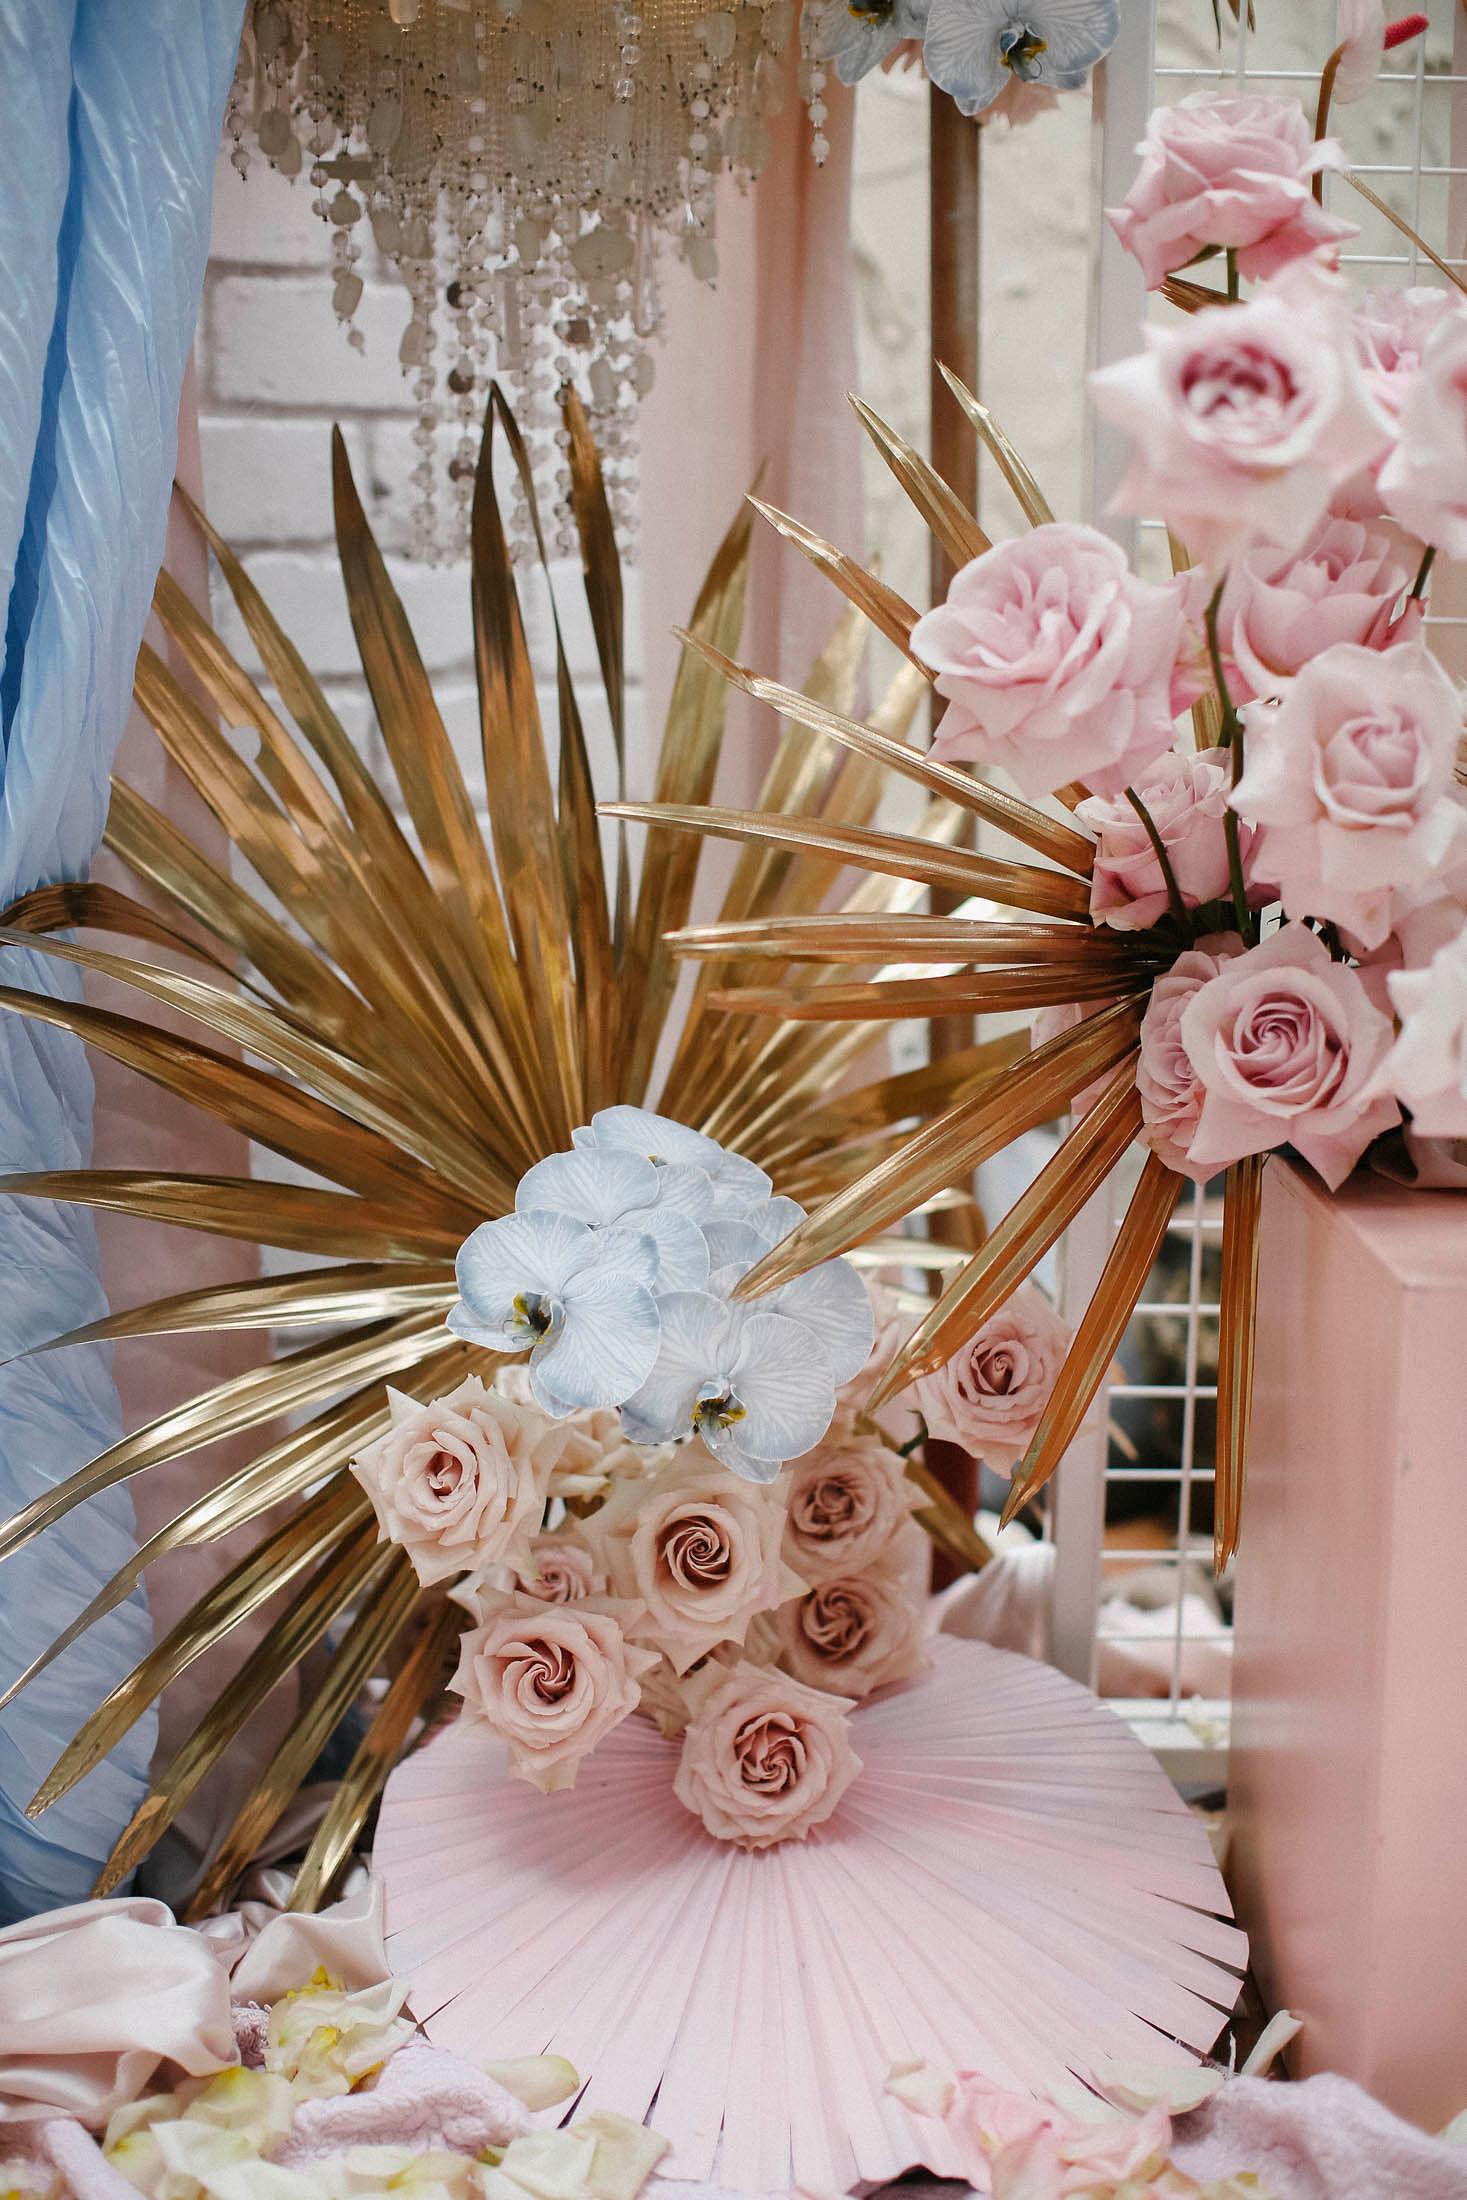 Lara + Cass Bohemian Blooms juliet's bedroom ceremony